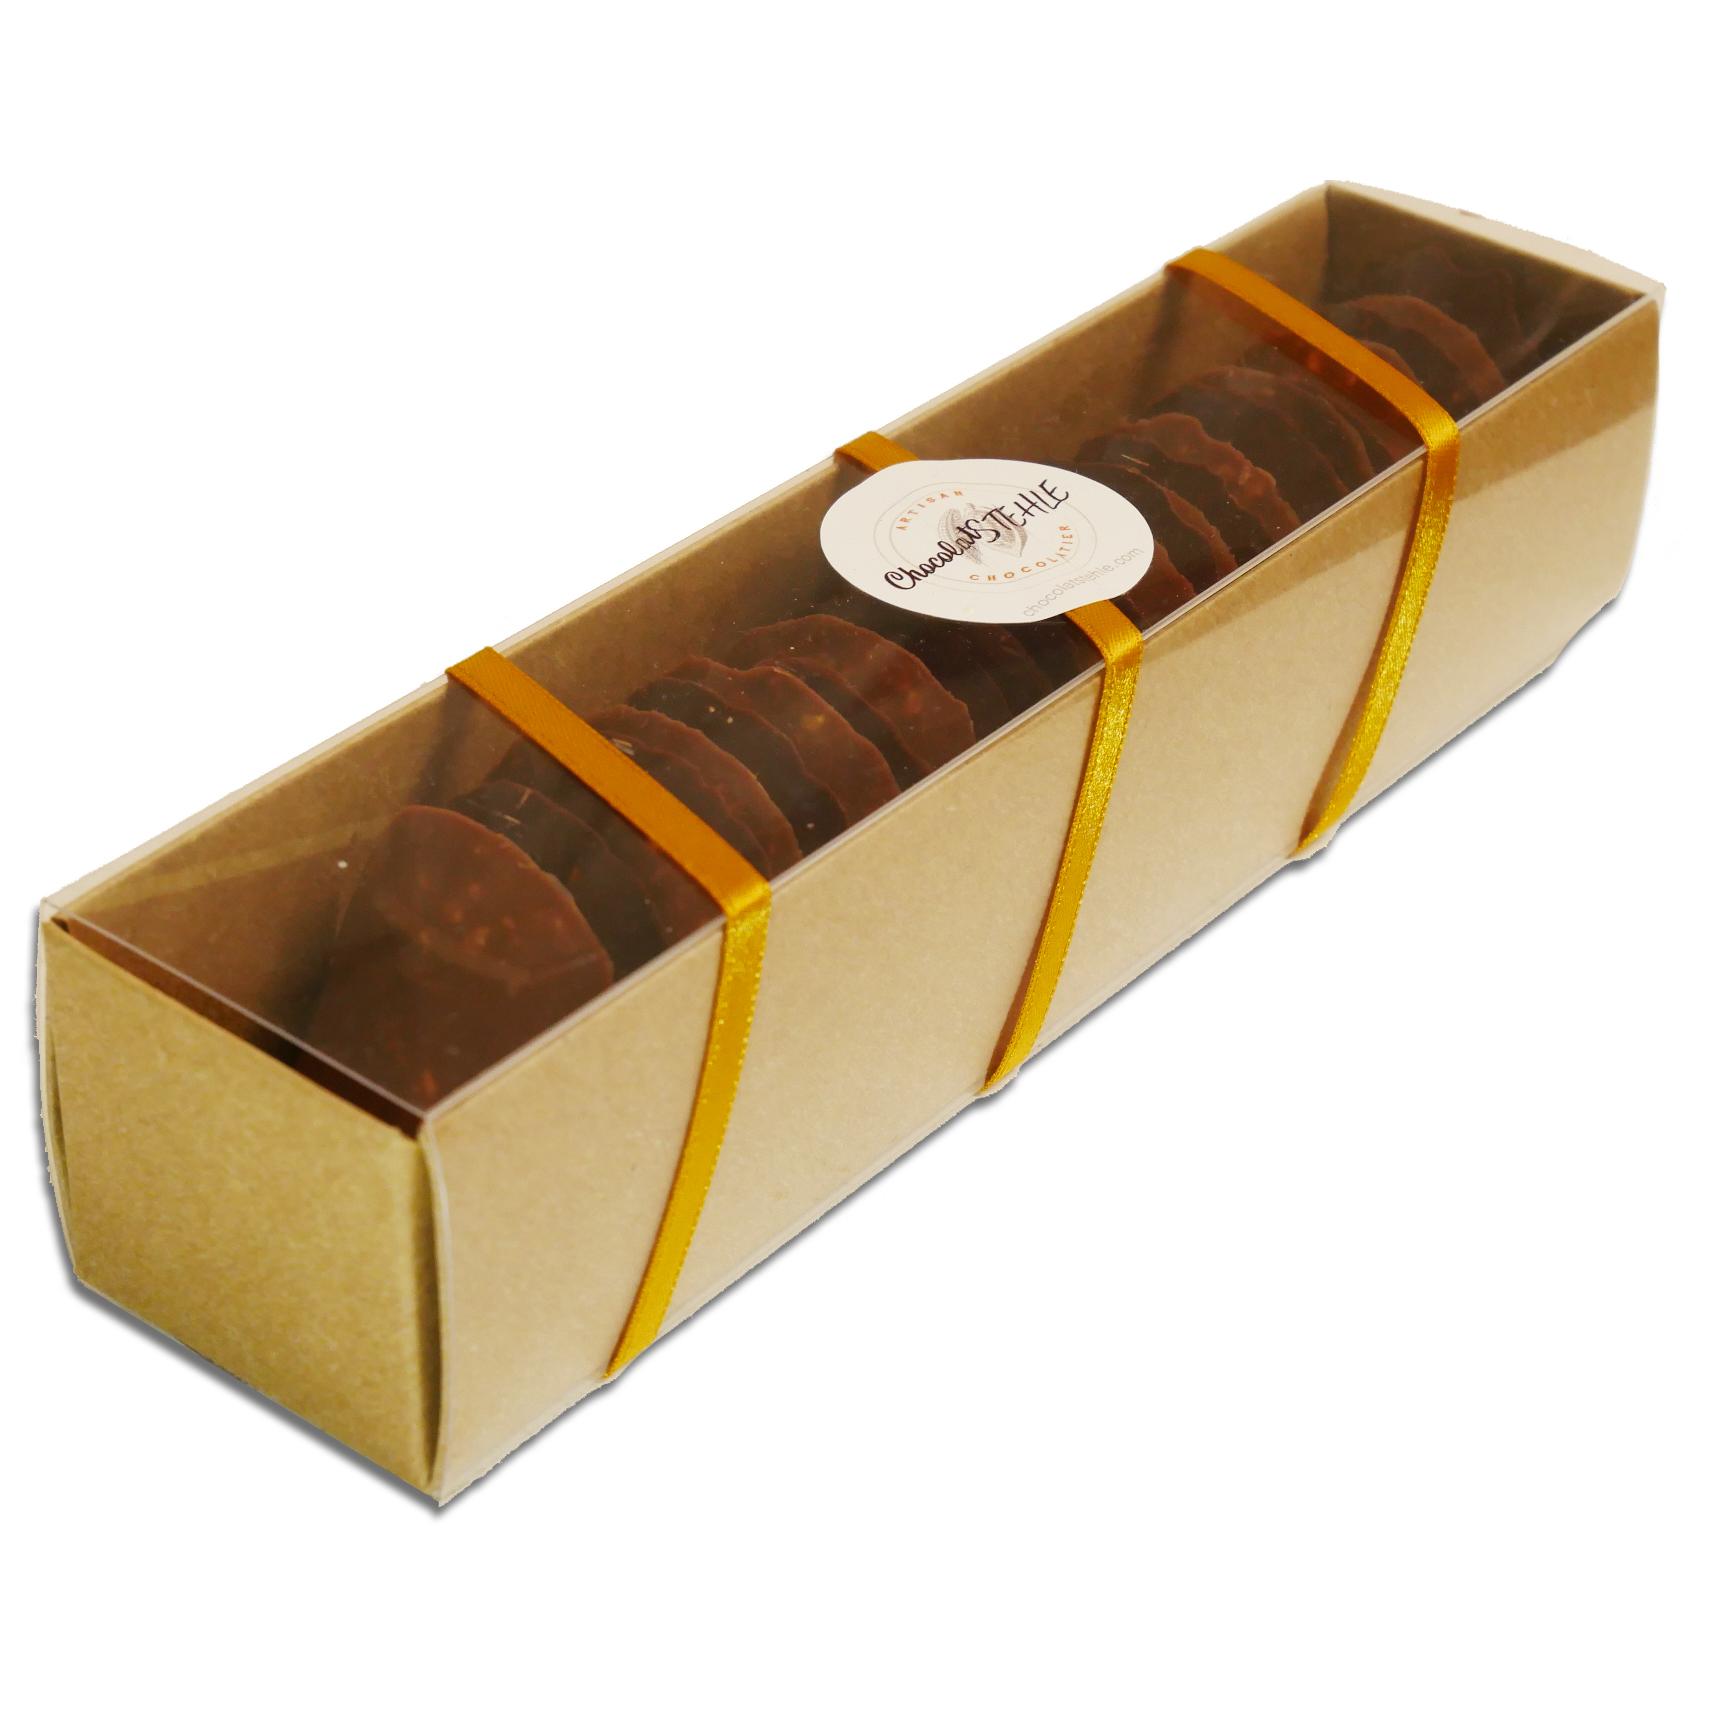 Tuiles craquantes au chocolat duo